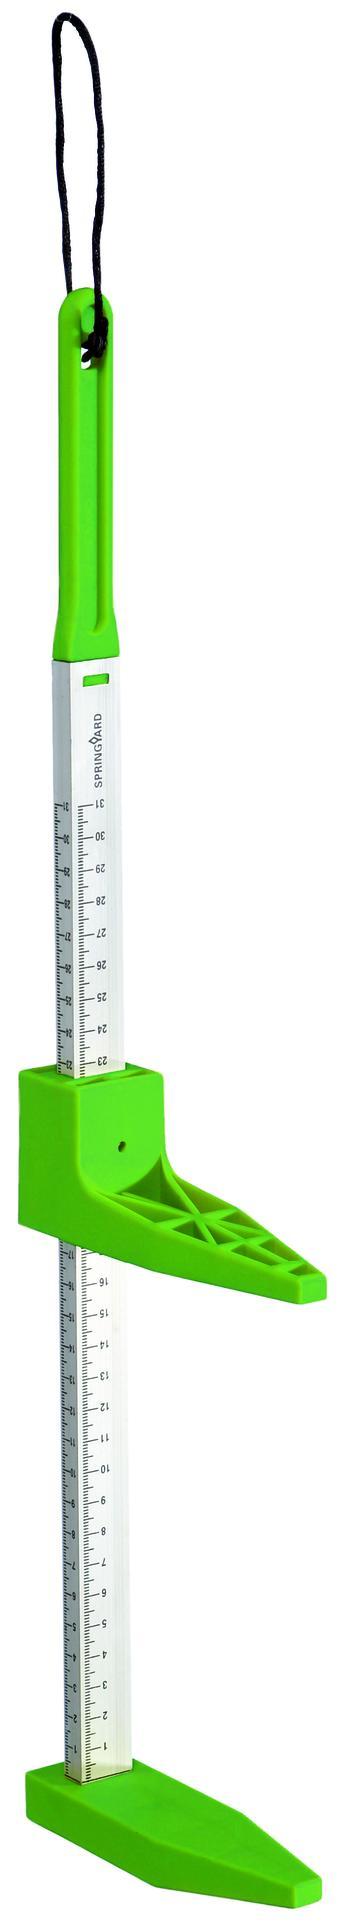 Mätsticka Footy Aluminium